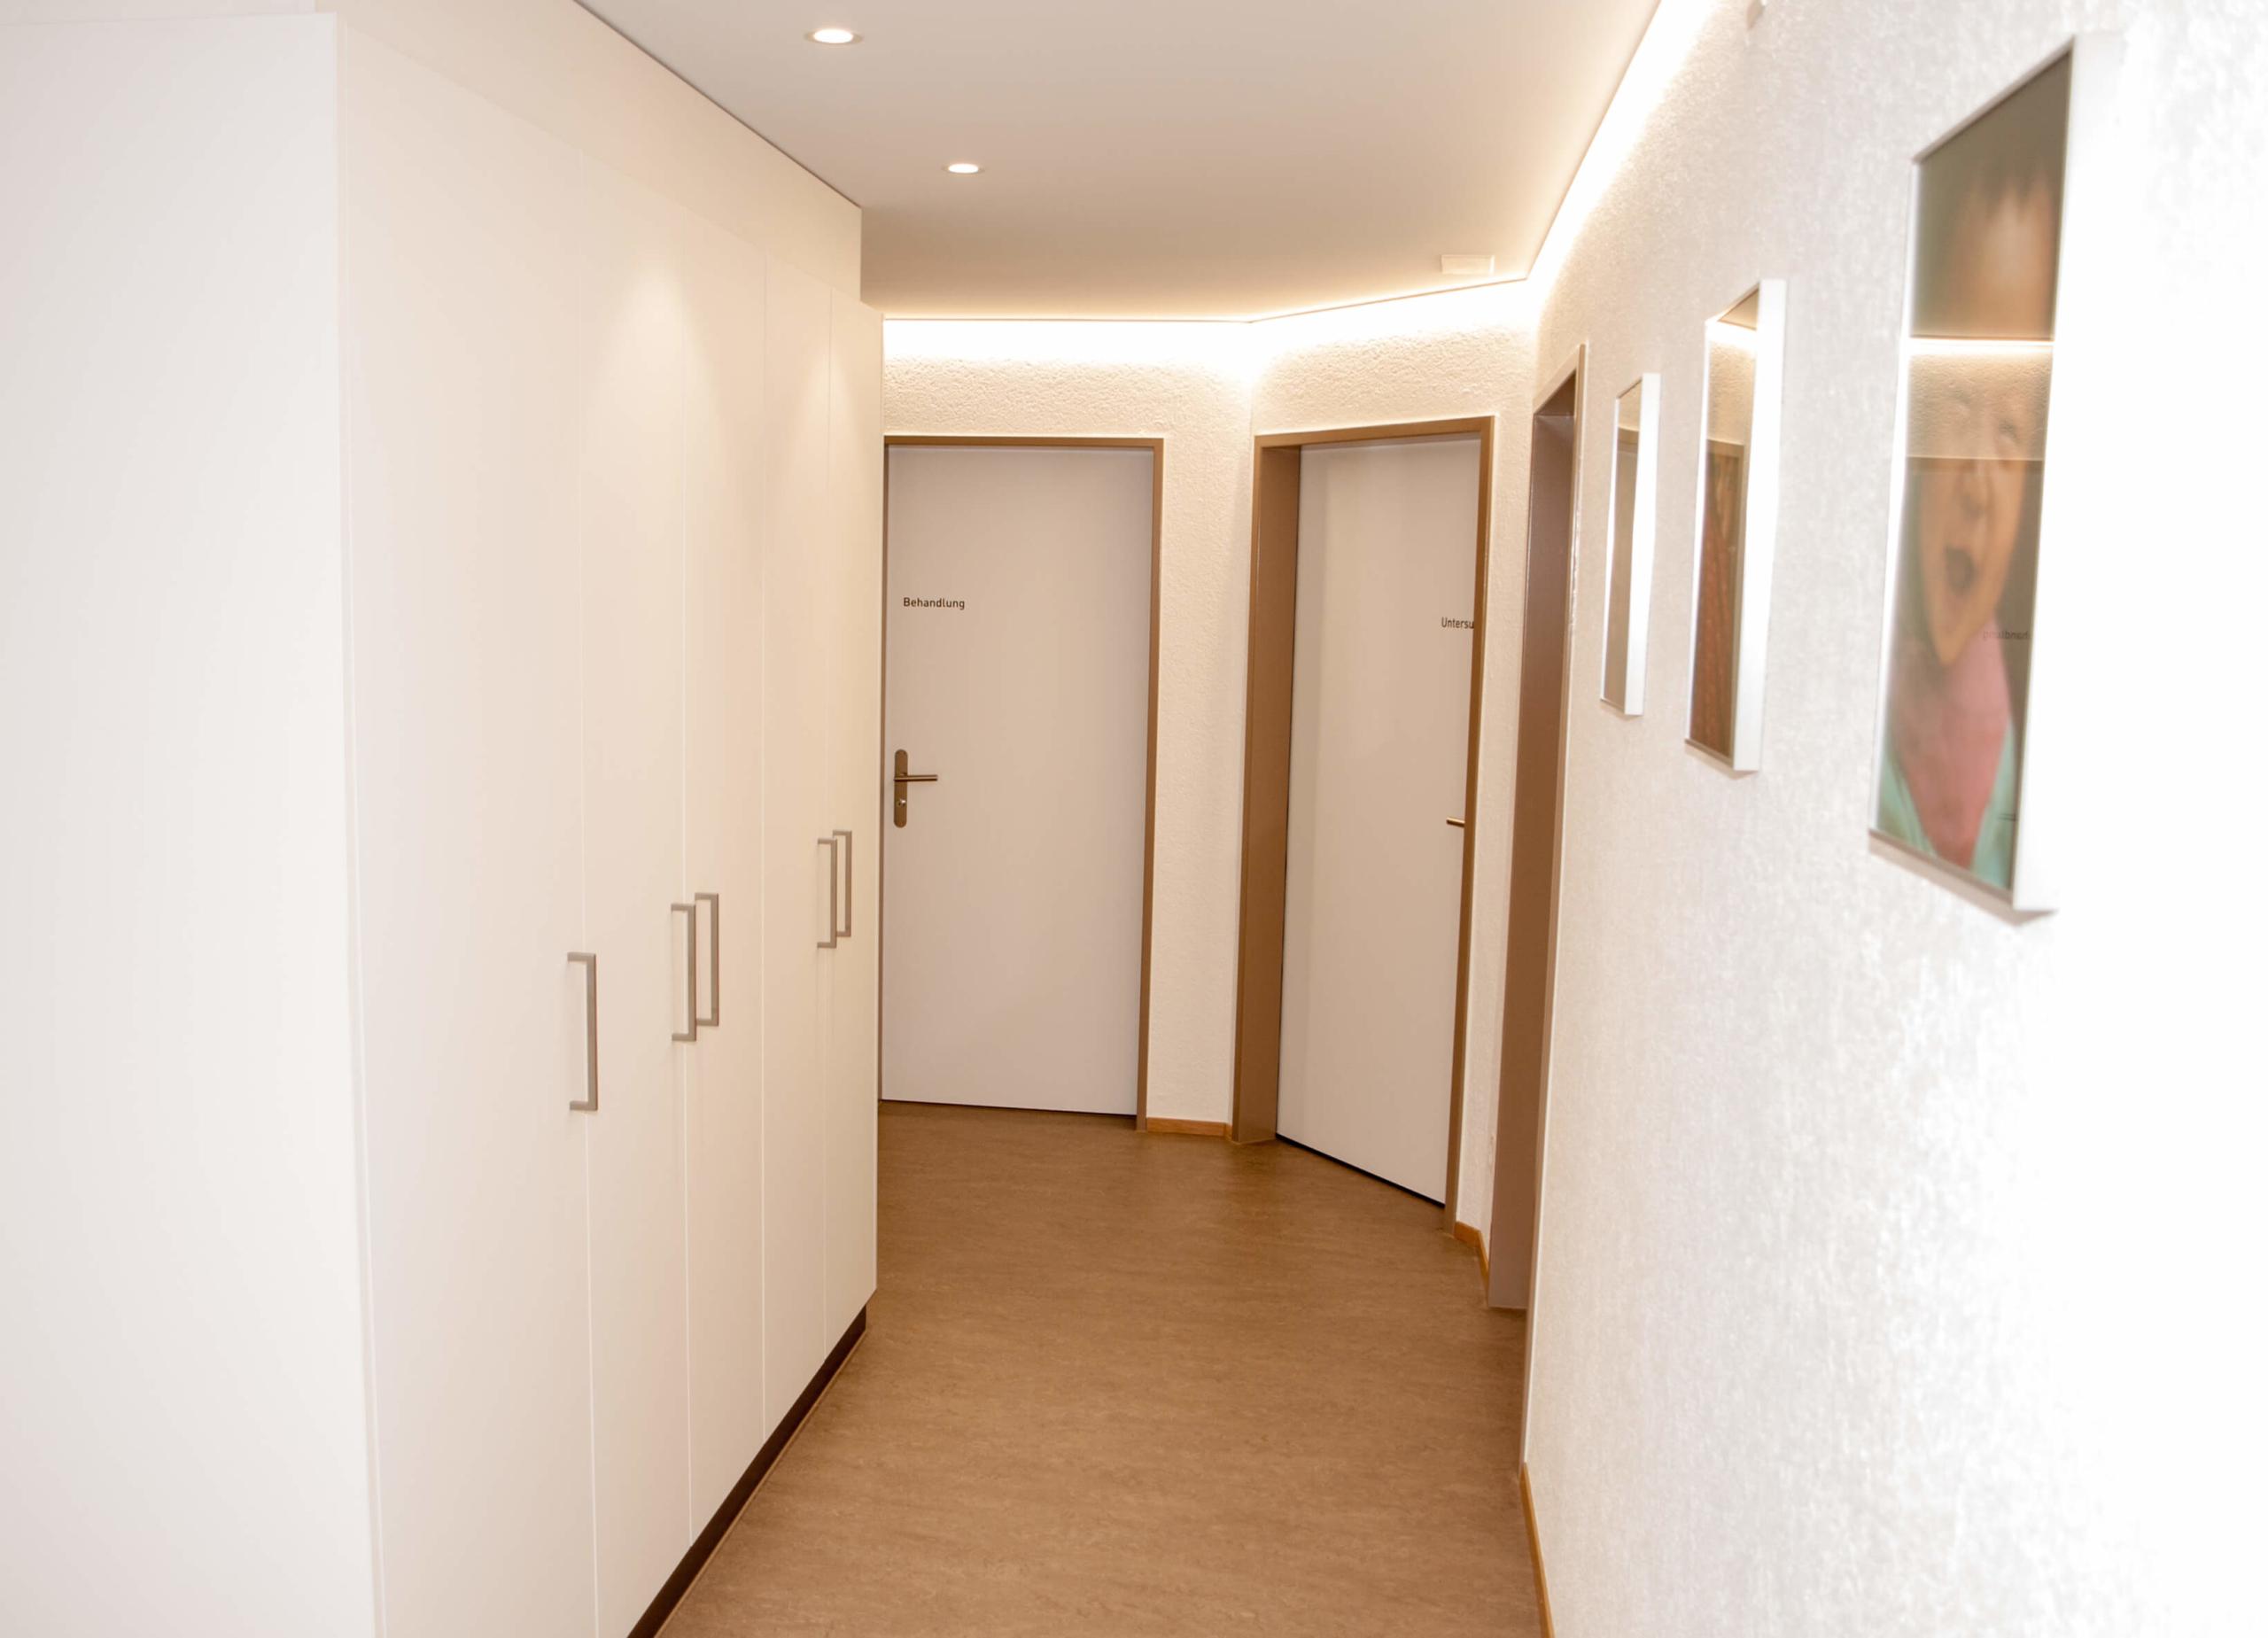 Aerztehaus-Welschenrohr-korridor1